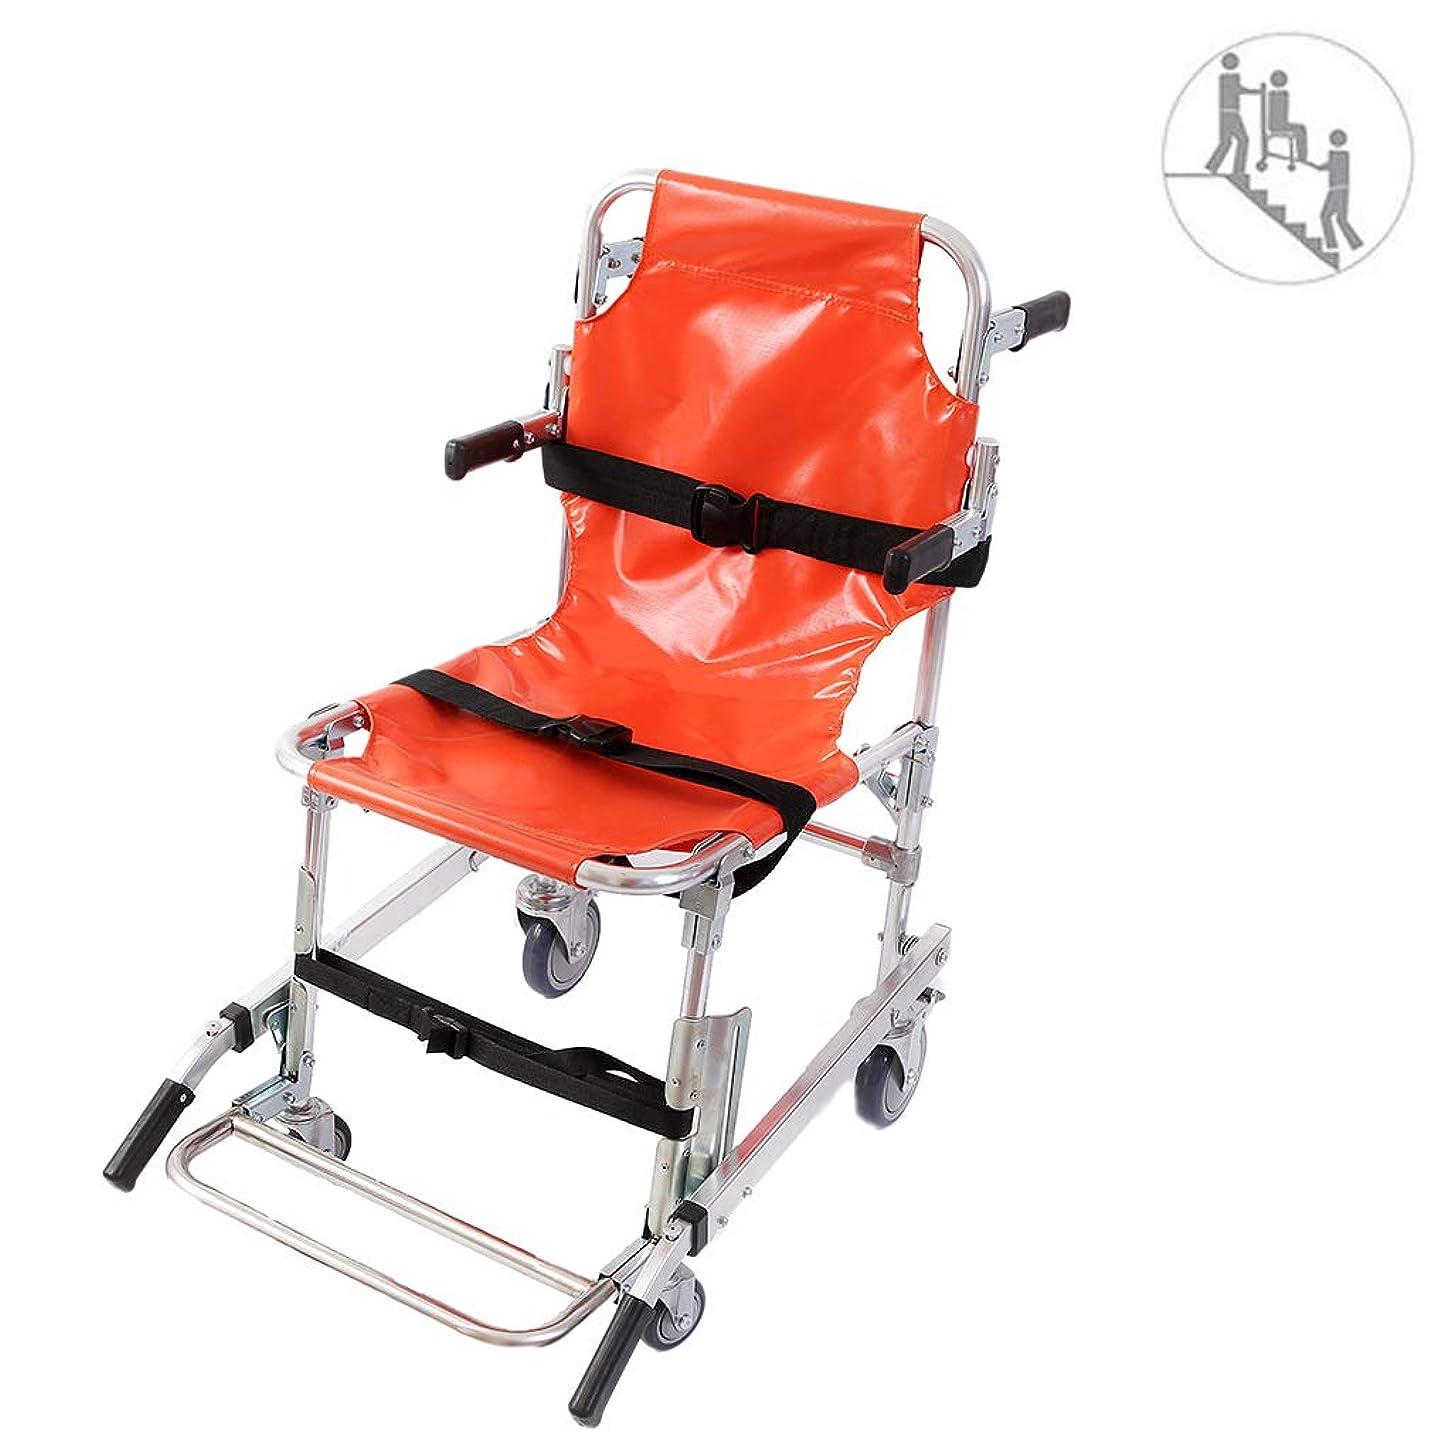 意外克服する不愉快にEMS階段椅子4つの車輪で、救急車避難医療輸送椅子患者拘束ストラップ付き350ポンドの容量